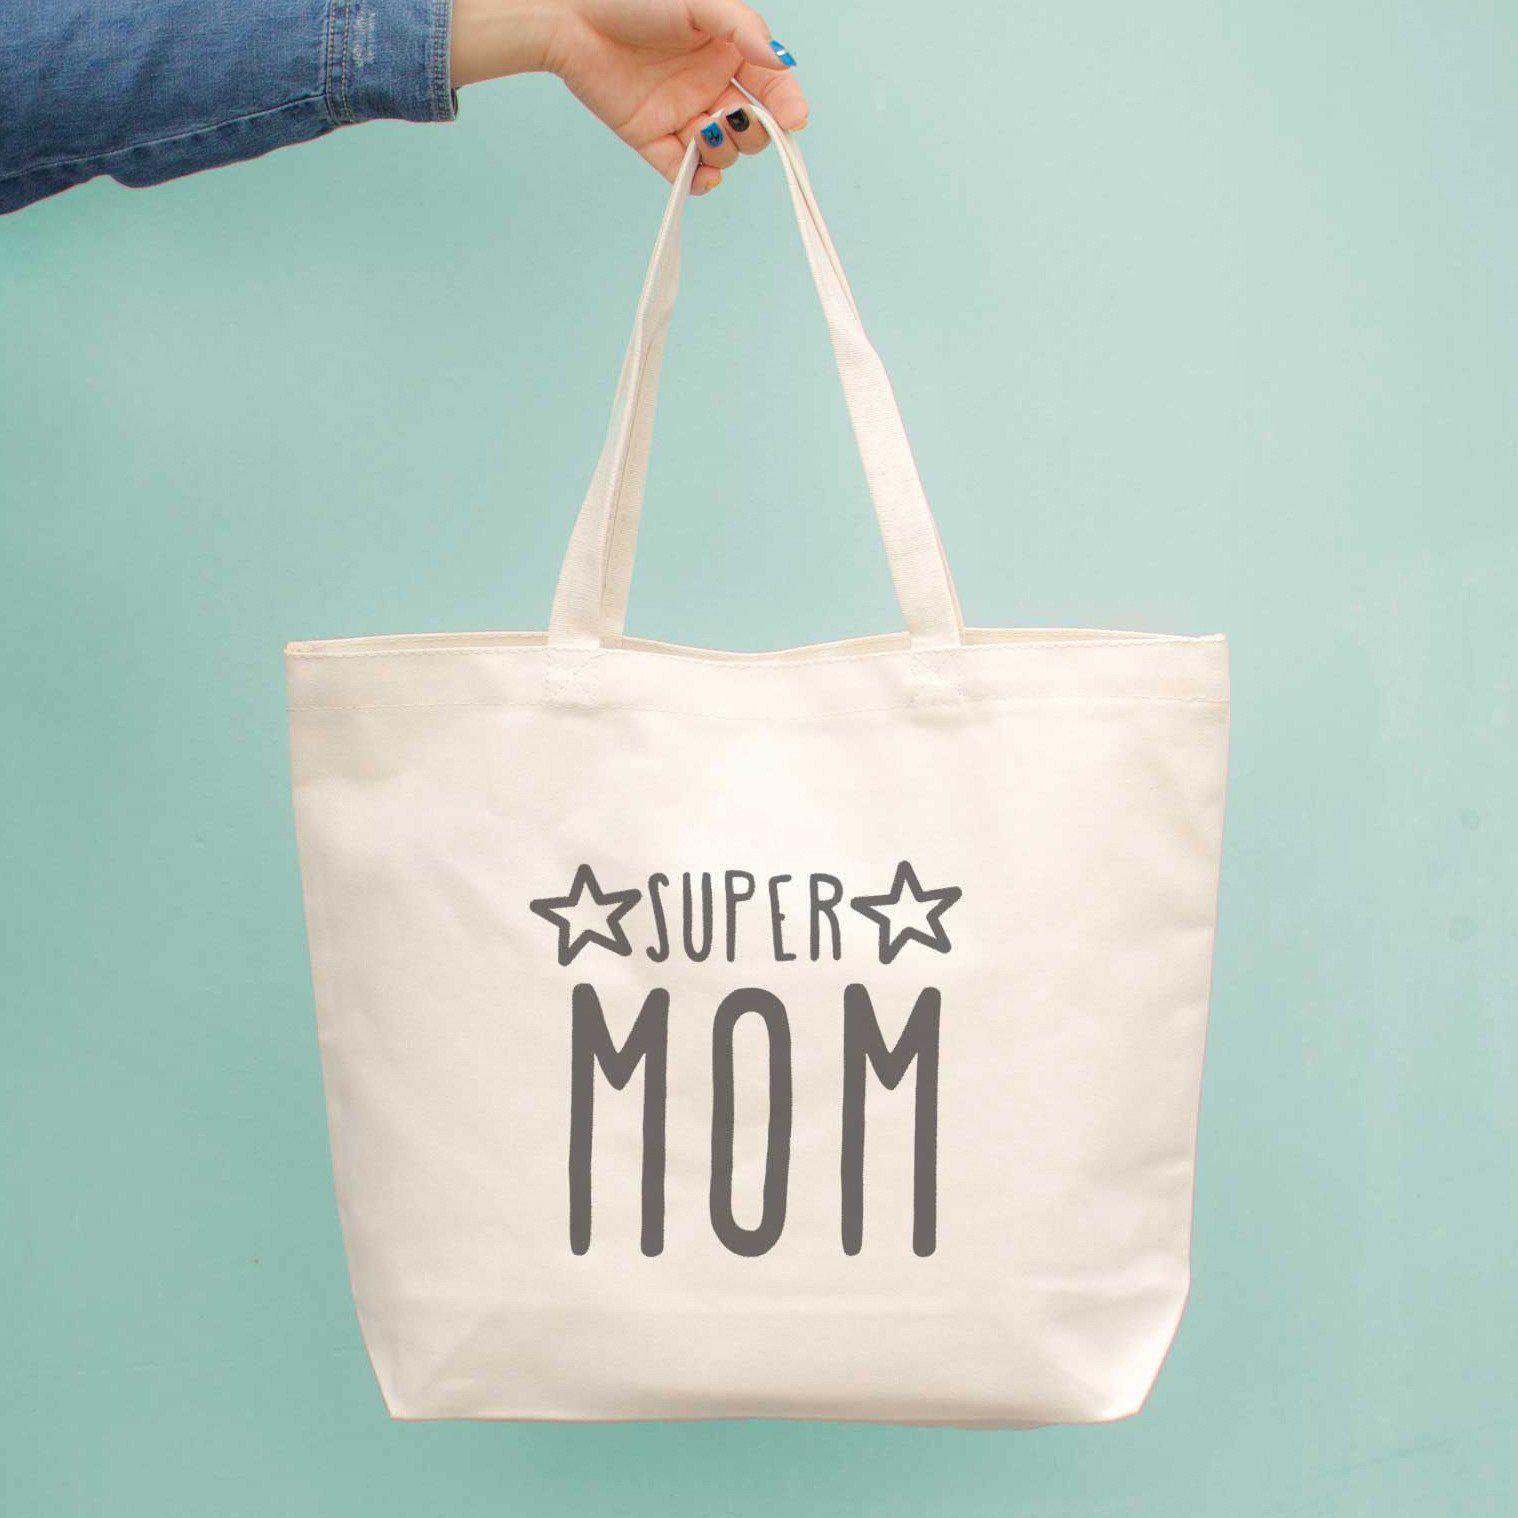 Shopping Bag Market Bag Go Confidently Dreams Canvas Tote Bag Canvas Bag Reusable Grocery Bag 0103 Canvas Tote Bag Printed Tote Bag